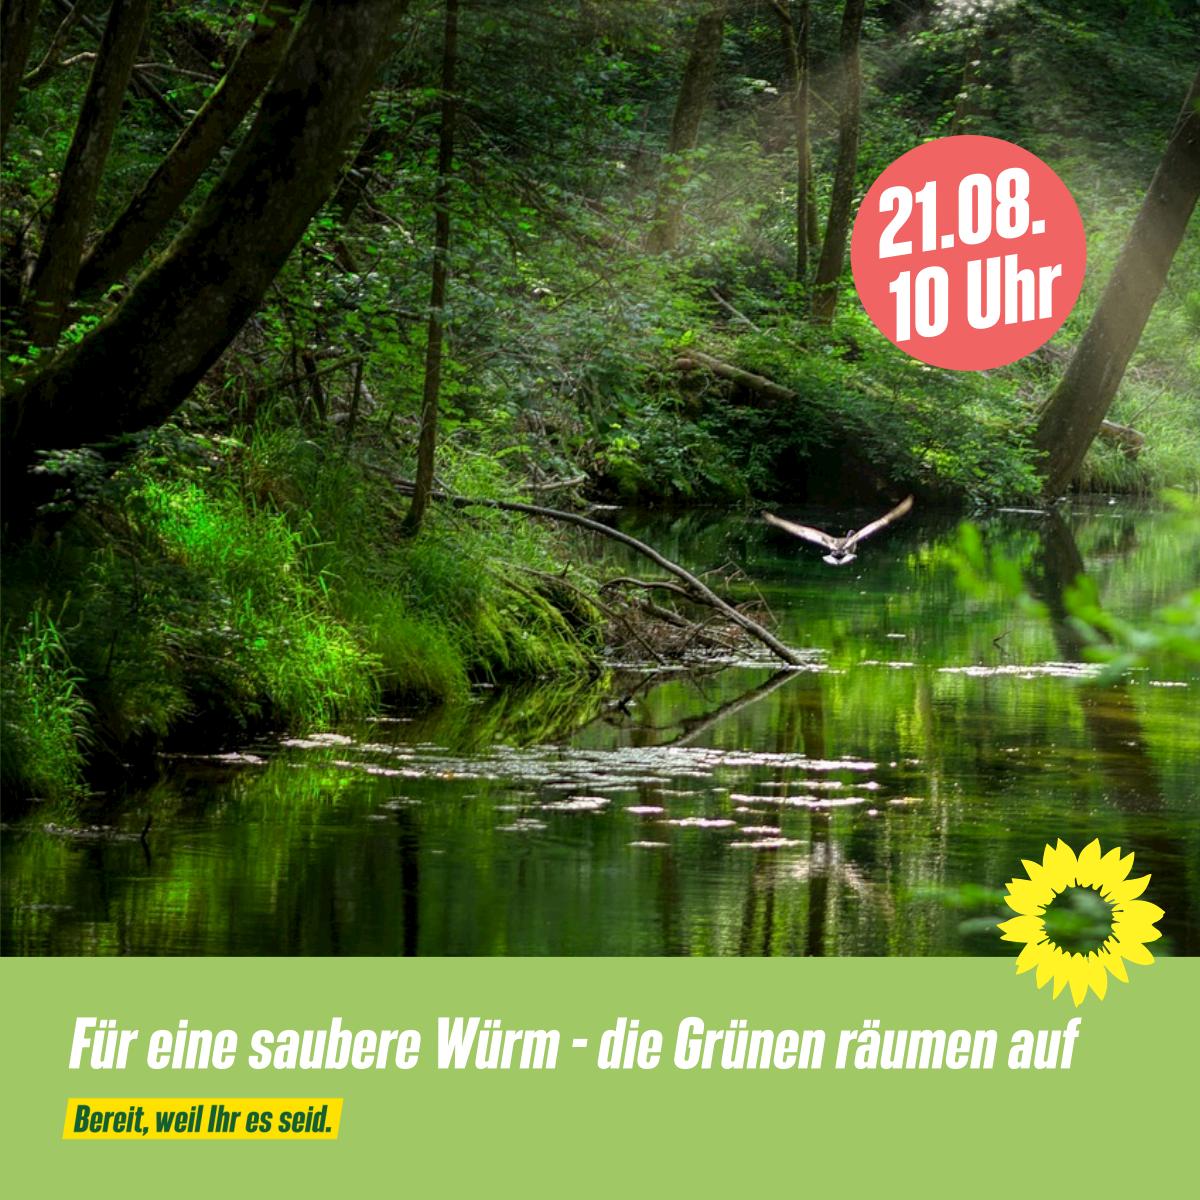 Für eine saubere Würm – Die Grünen räumen auf